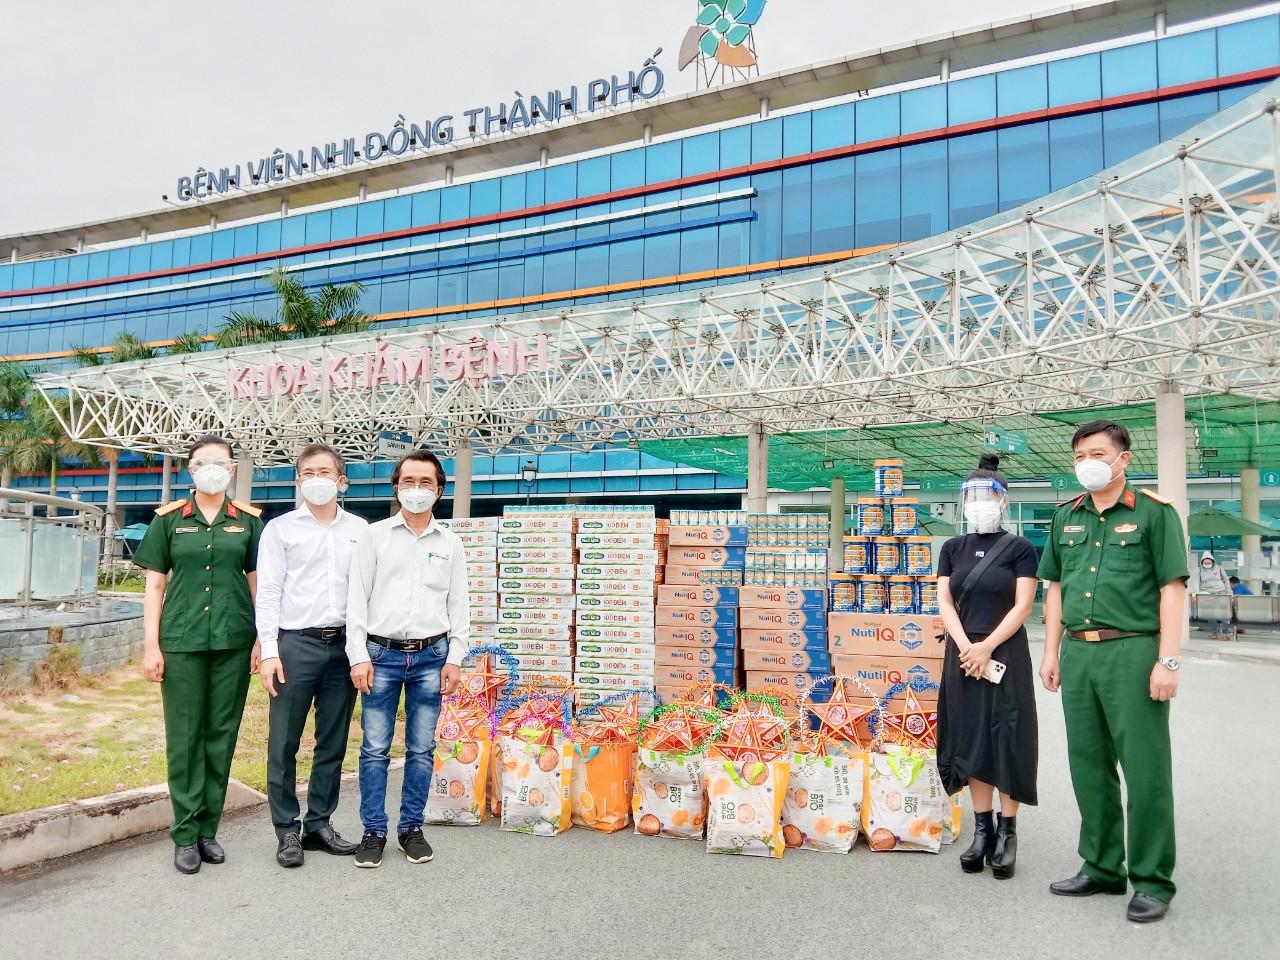 Hàng ngàn món quà dinh dưỡng được đại diện Nutifood trao tặng cho Bệnh viện Quân y 175 và Bệnh viện Nhi đồng Thành phố - Ảnh: Nutifood